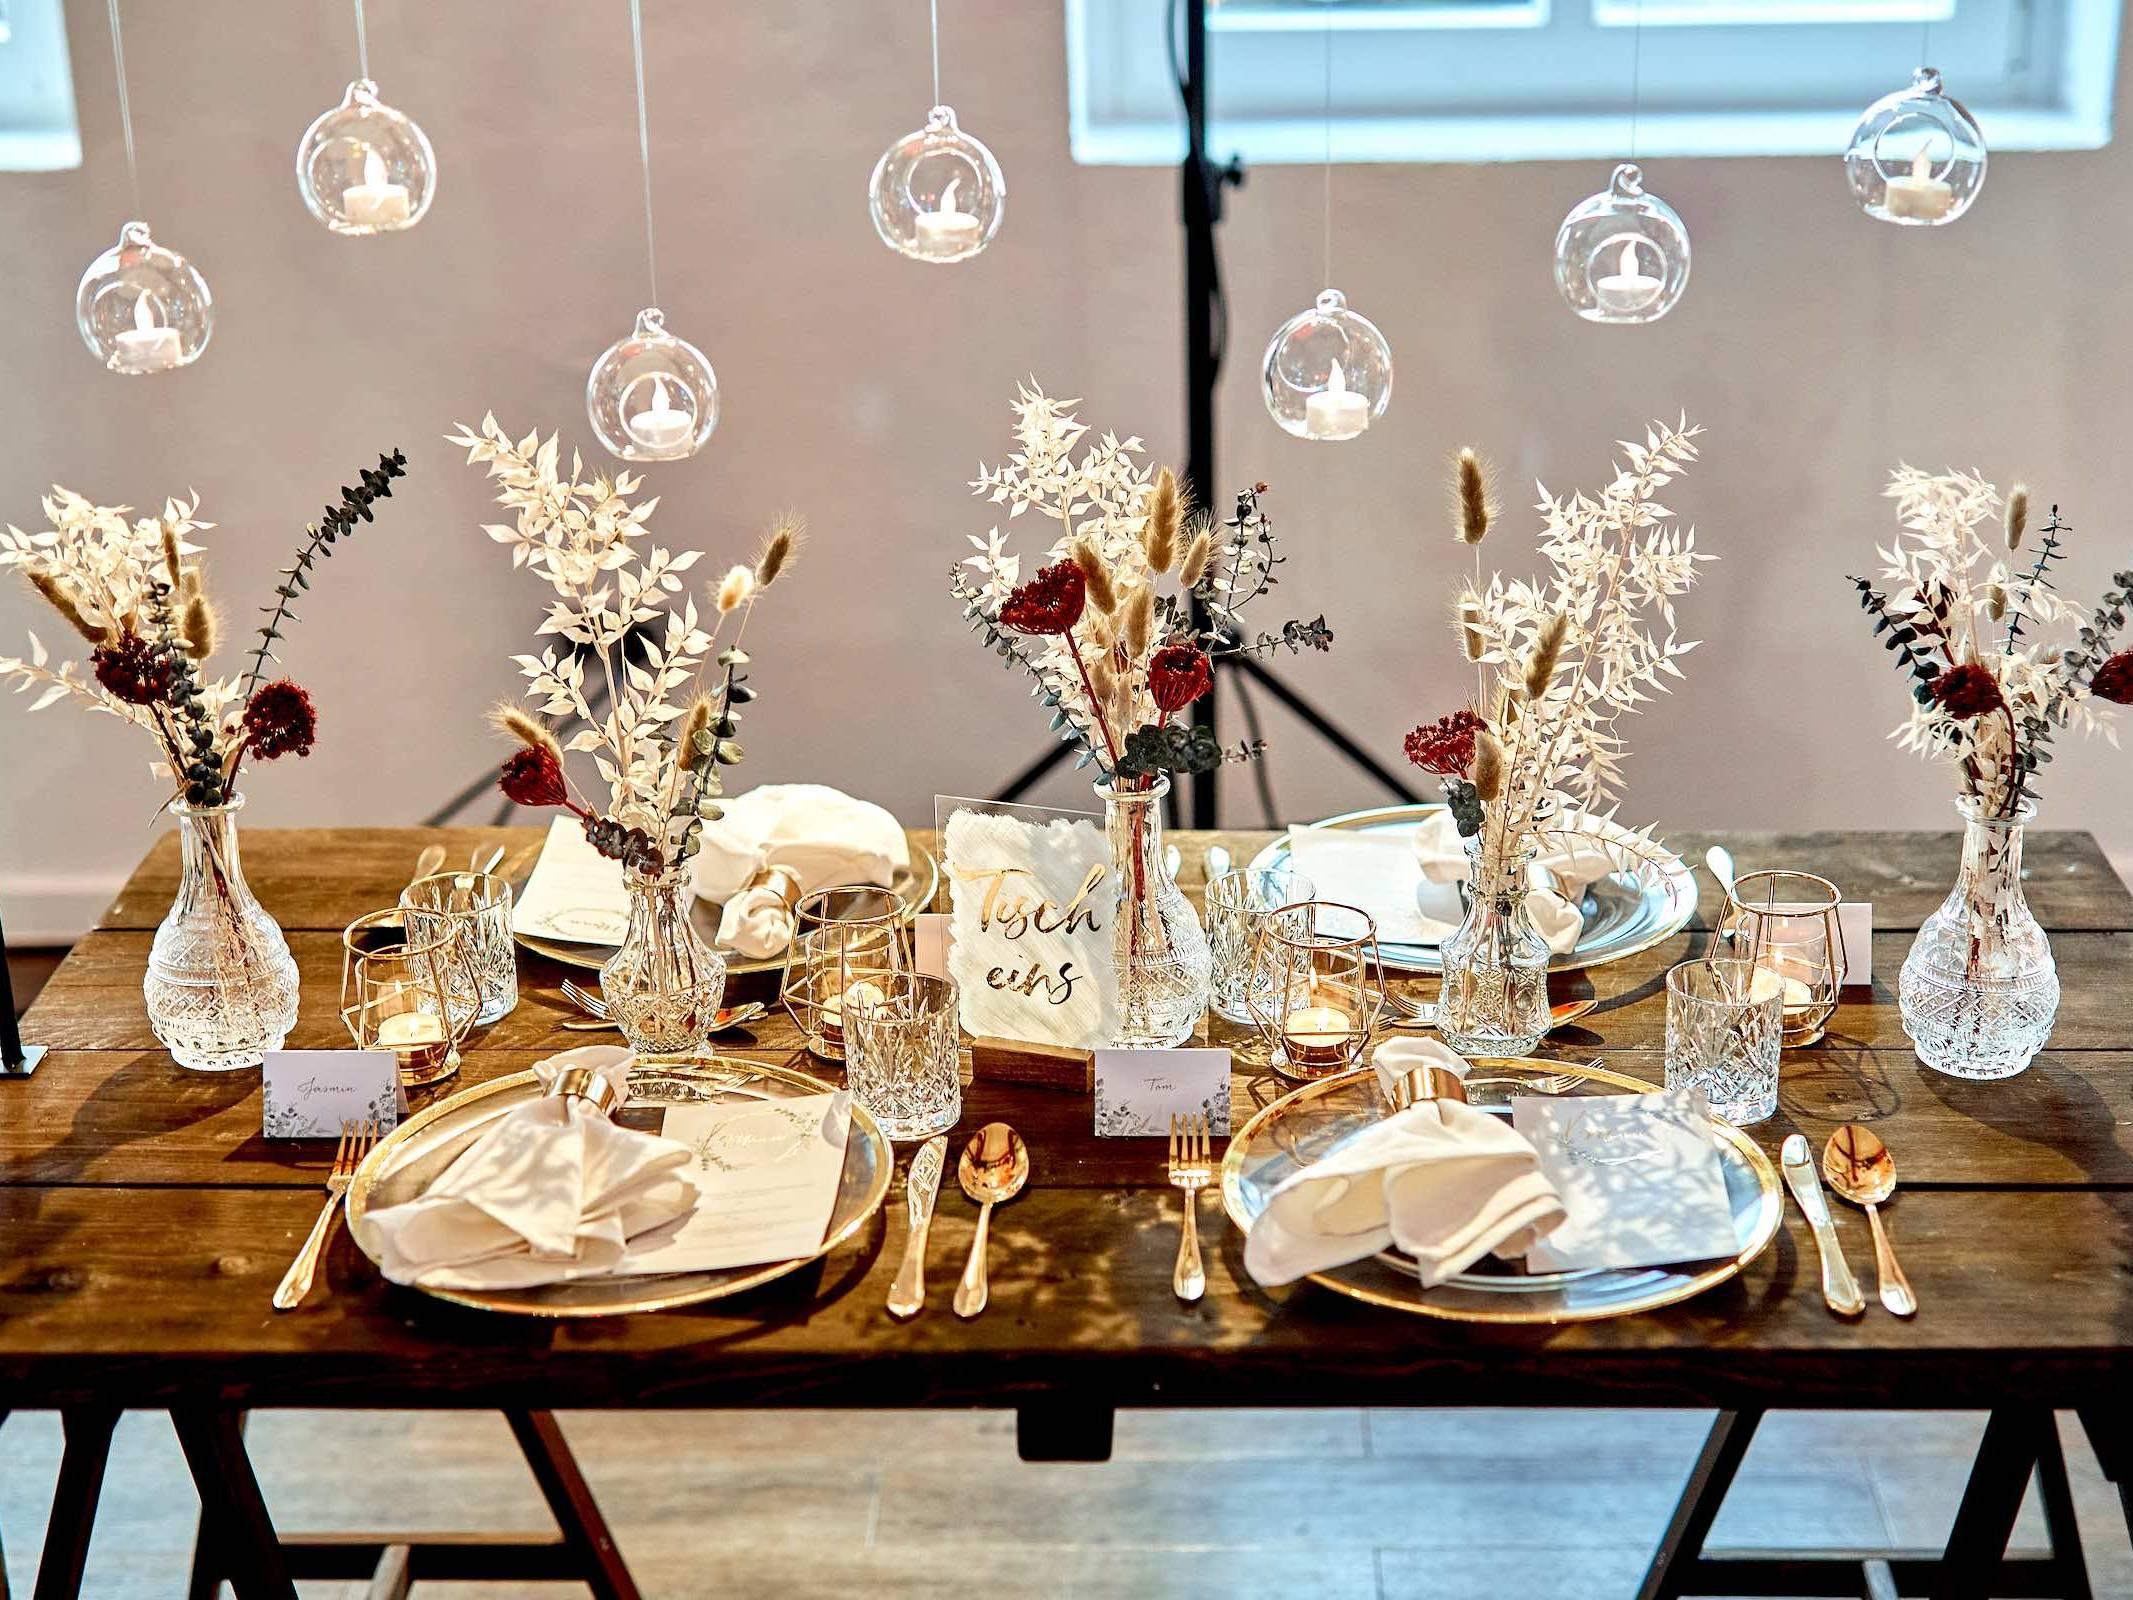 Eventplaner | Hamburg | Eventaustattung | Mieten | Buchen | Hochzeitsplaner | Hochzeiten | Dekoration | Tisch | Modenschauen | Firmenfeiern | Gala | Tischdekoration | Technik | Logistik | Lieferung | Hamburgfeiert